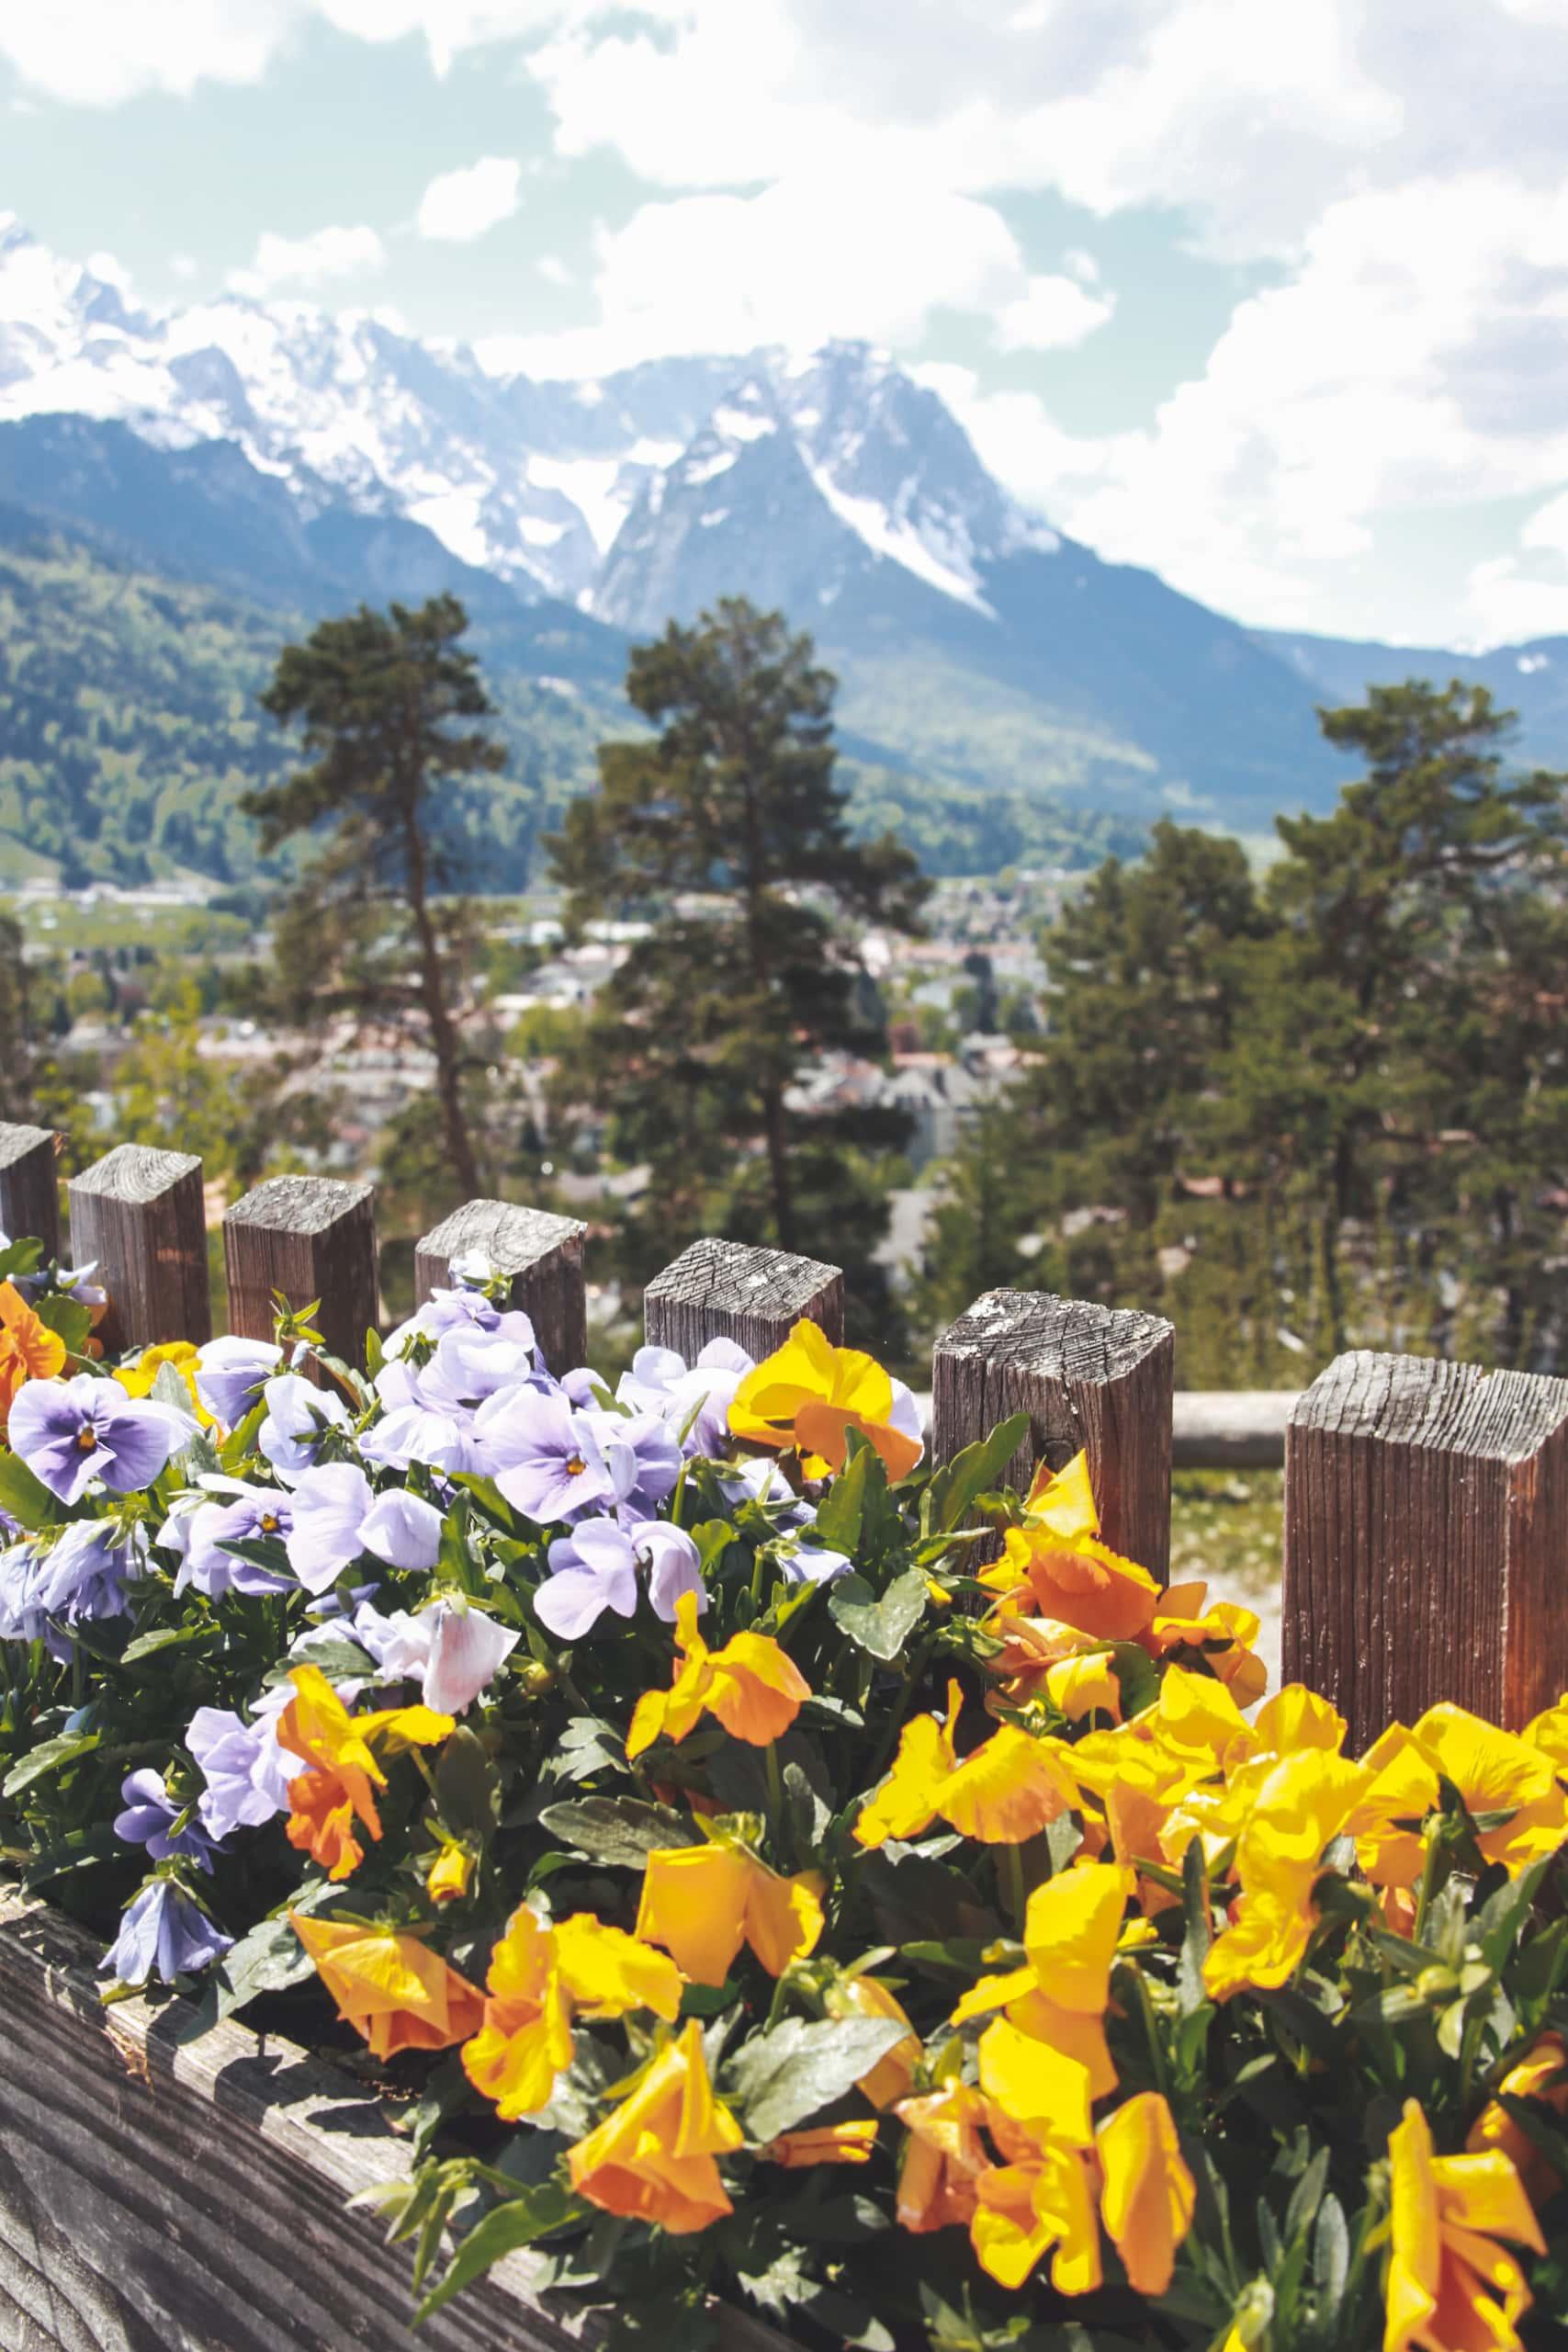 Blumen vor dem Panorama der Garmisch-Partenkirchen Bergwelt